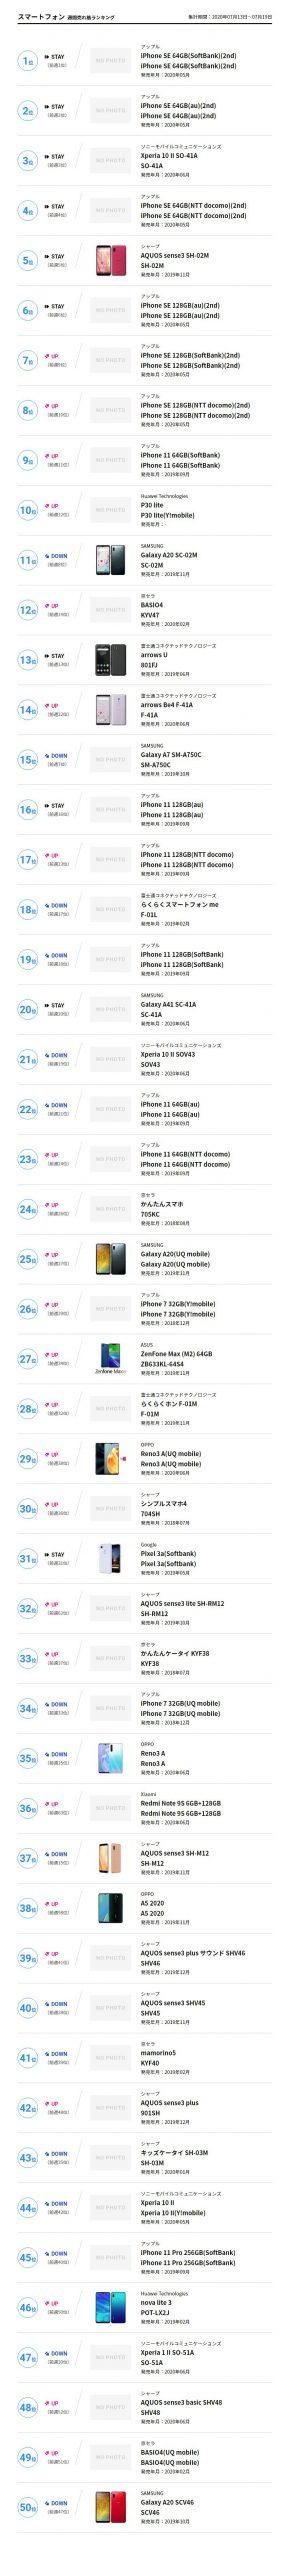 10 6 scaled - iPhoneSE スナドラ865並みの高性能しか売れてない なんでアンドロイド買わないの?